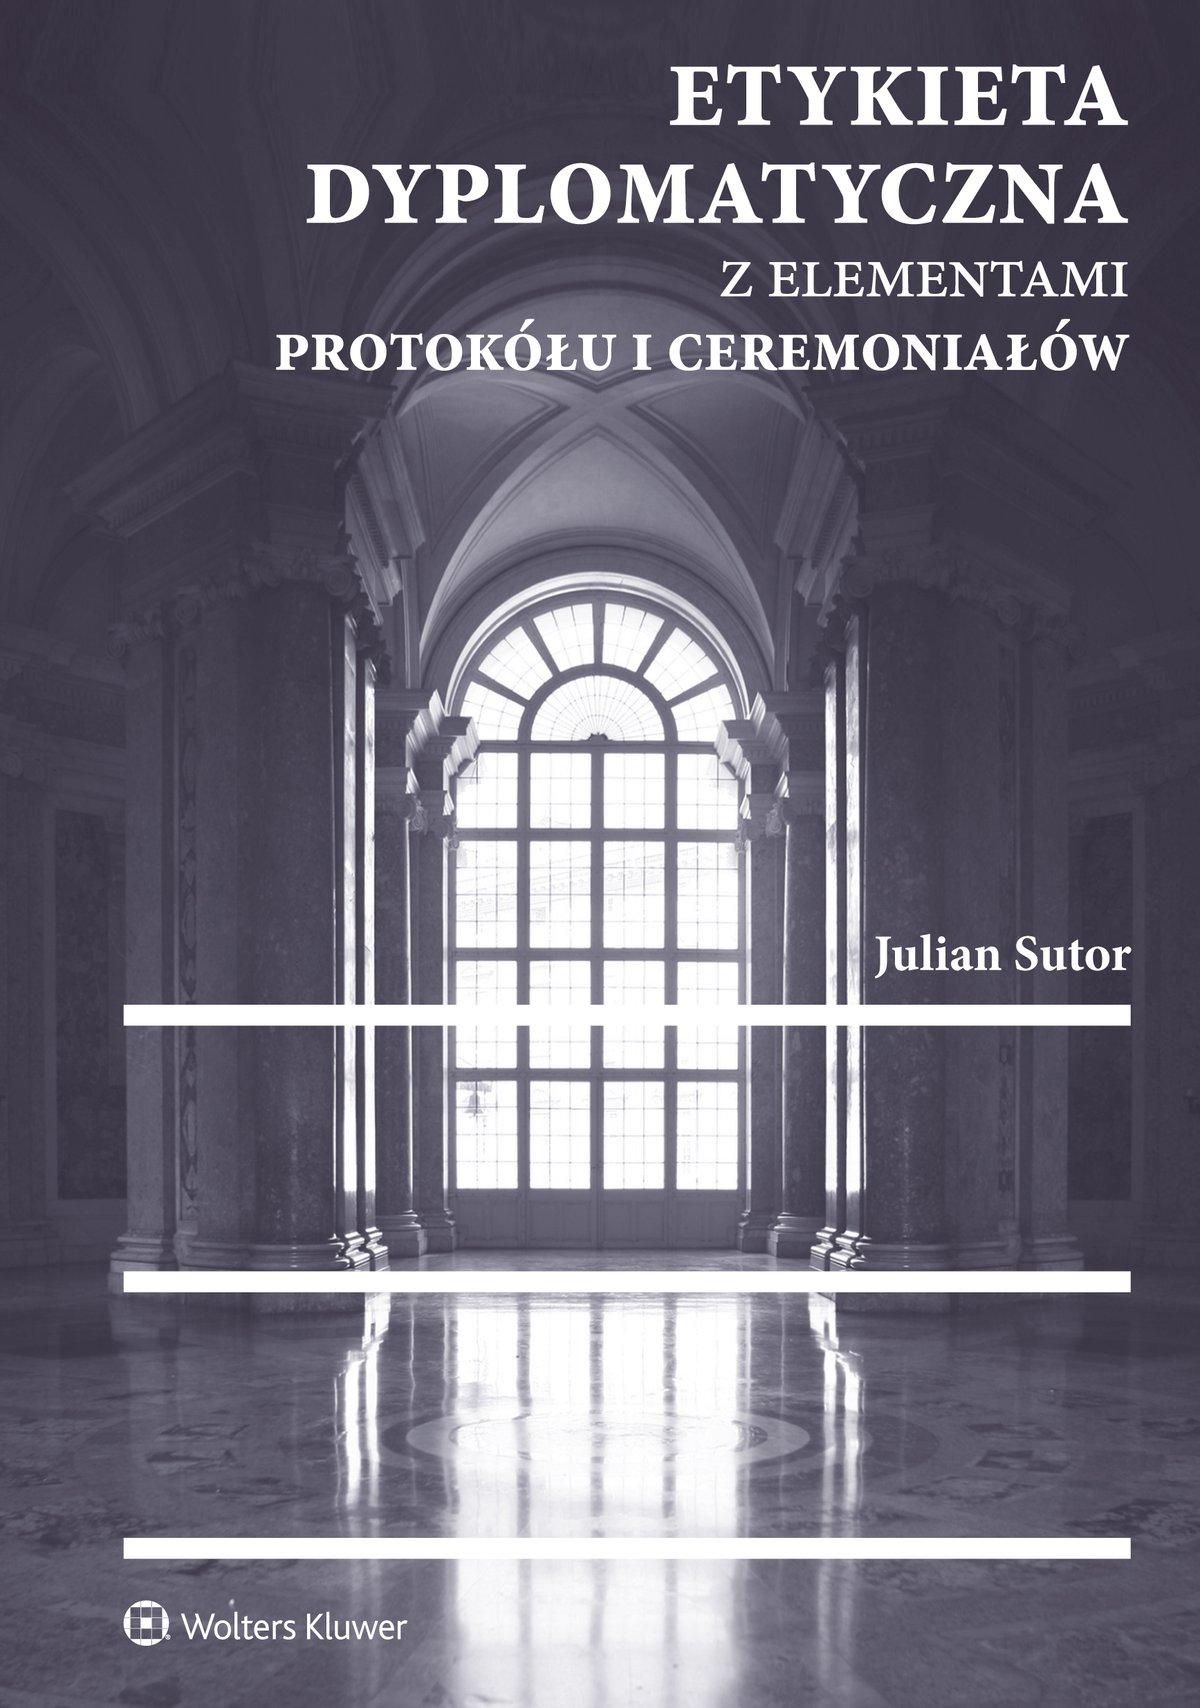 Etykieta dyplomatyczna z elementami protokółu i ceremoniałów - Ebook (Książka EPUB) do pobrania w formacie EPUB